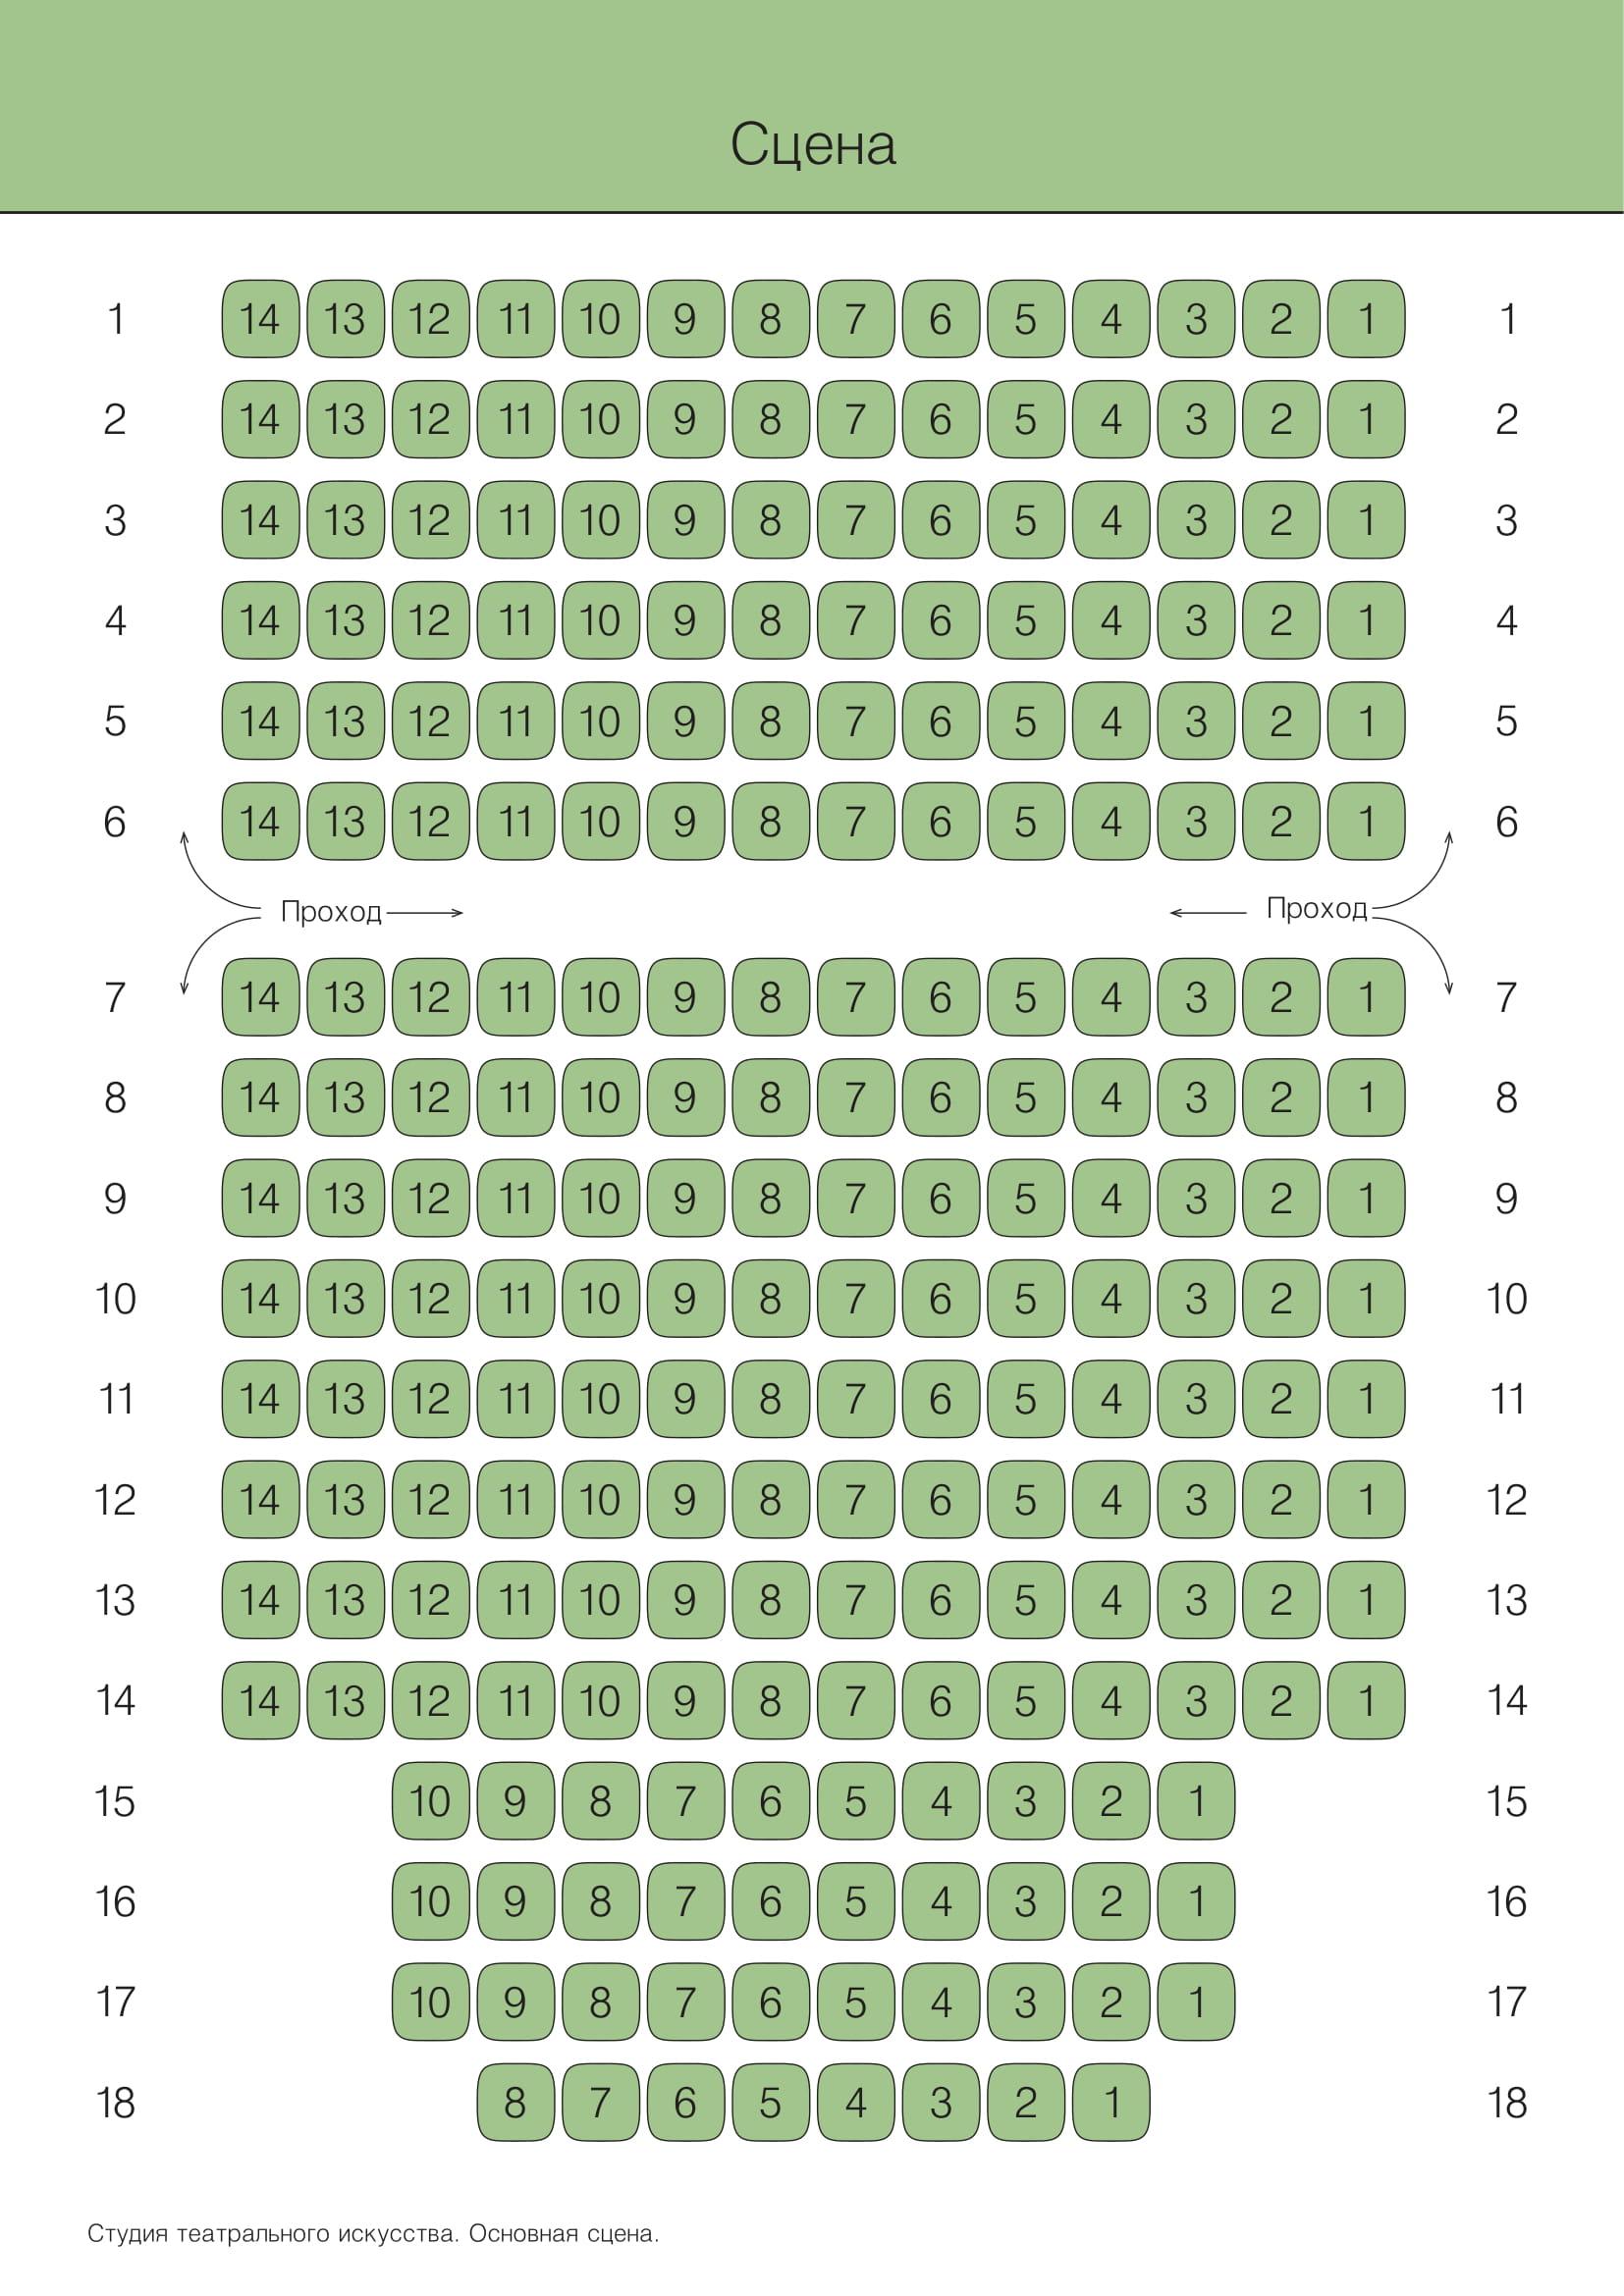 Схема зала Студия театрального искусства